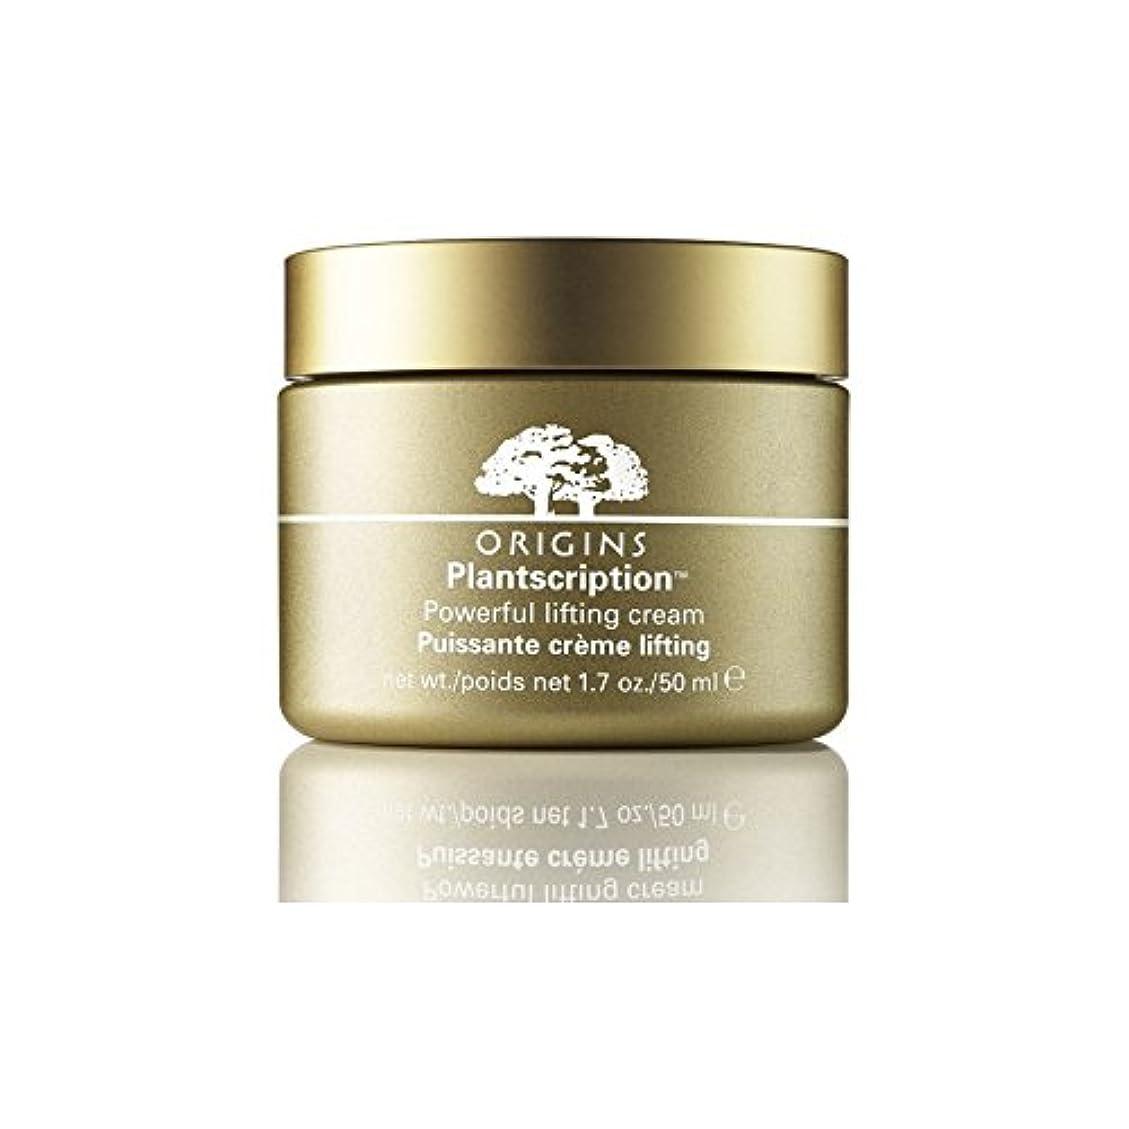 ニュージーランド商標排泄物Origins Plantscription Powerful Lifting Cream 50ml - 起源強力なリフティングクリーム50 [並行輸入品]